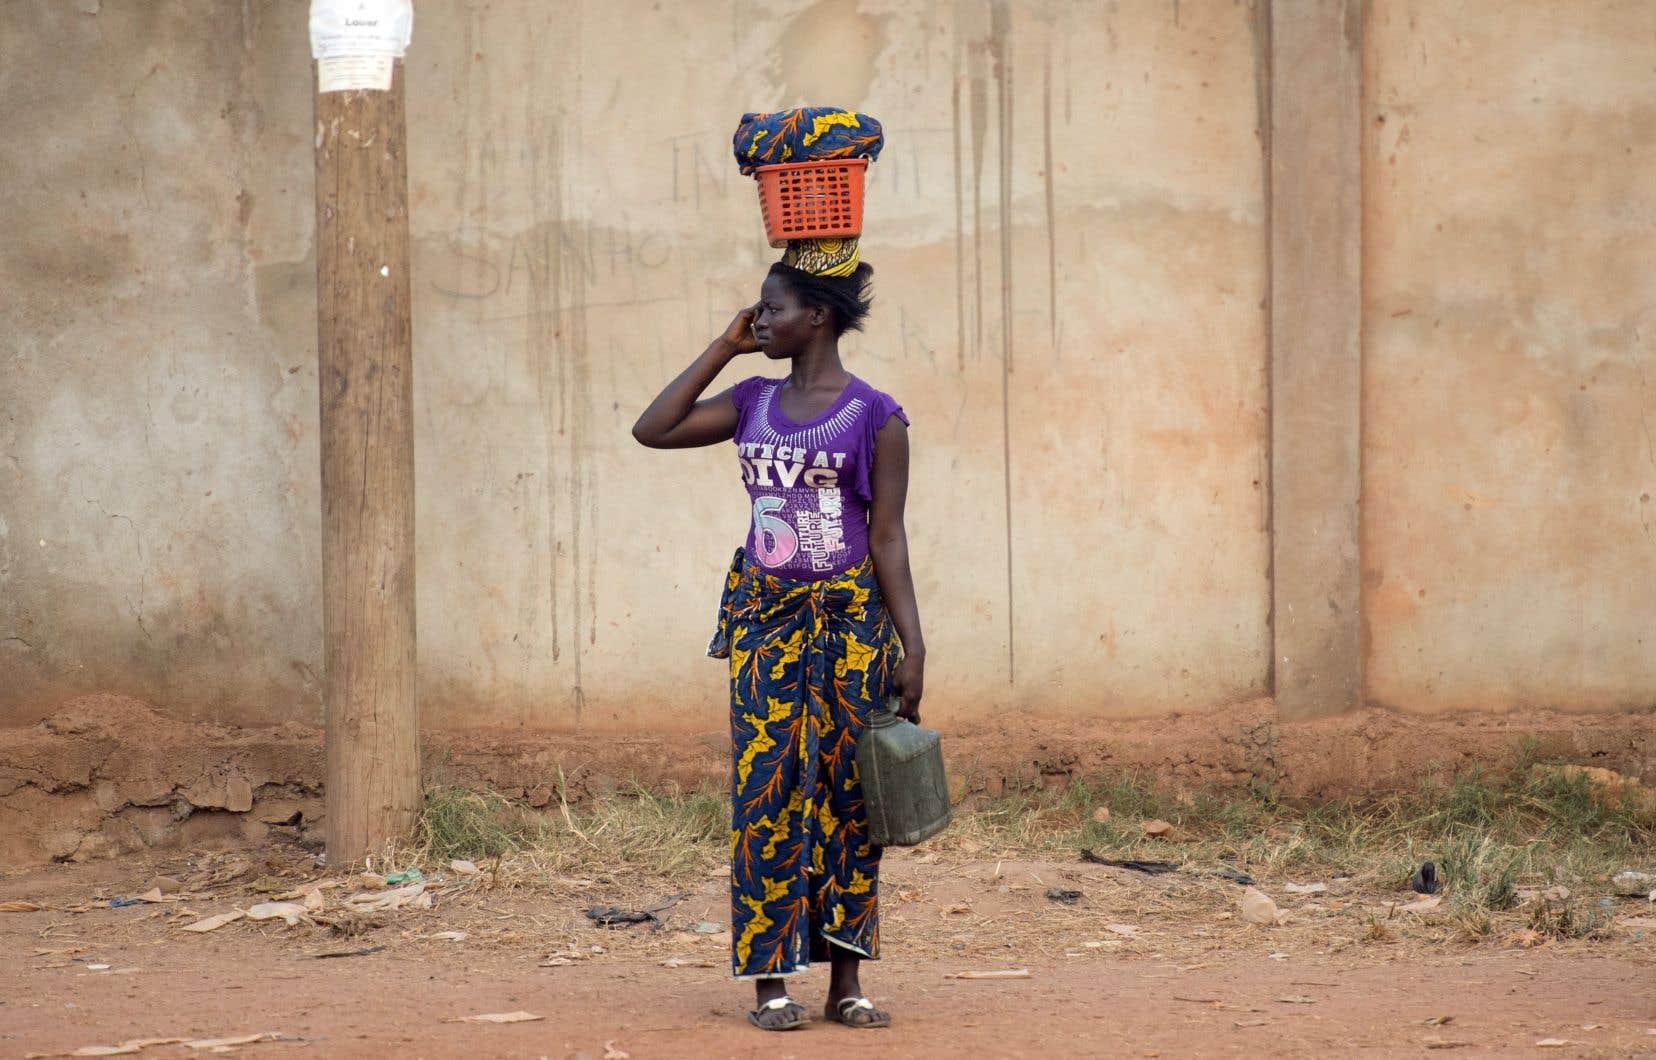 Les problèmes auxquels font face plusieurs pays en développement sont nombreux et importants. Si rien n'est fait, tout porte à croire que ces maux seront encore aggravés par la révolution technologique en cours.